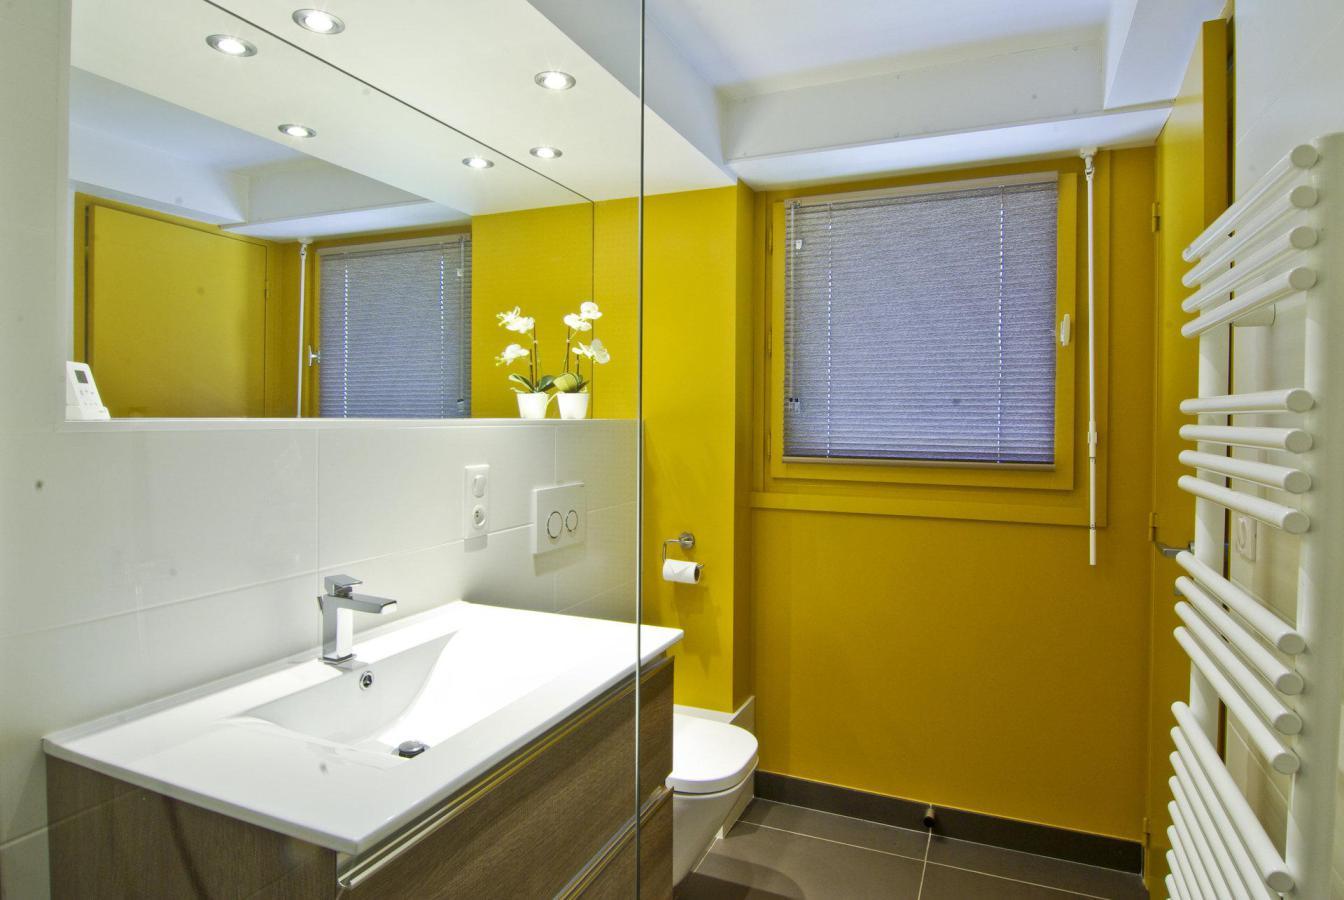 Location au ski Appartement 4 pièces 8 personnes - Residence Espace Montagne - Chamonix - Chambre